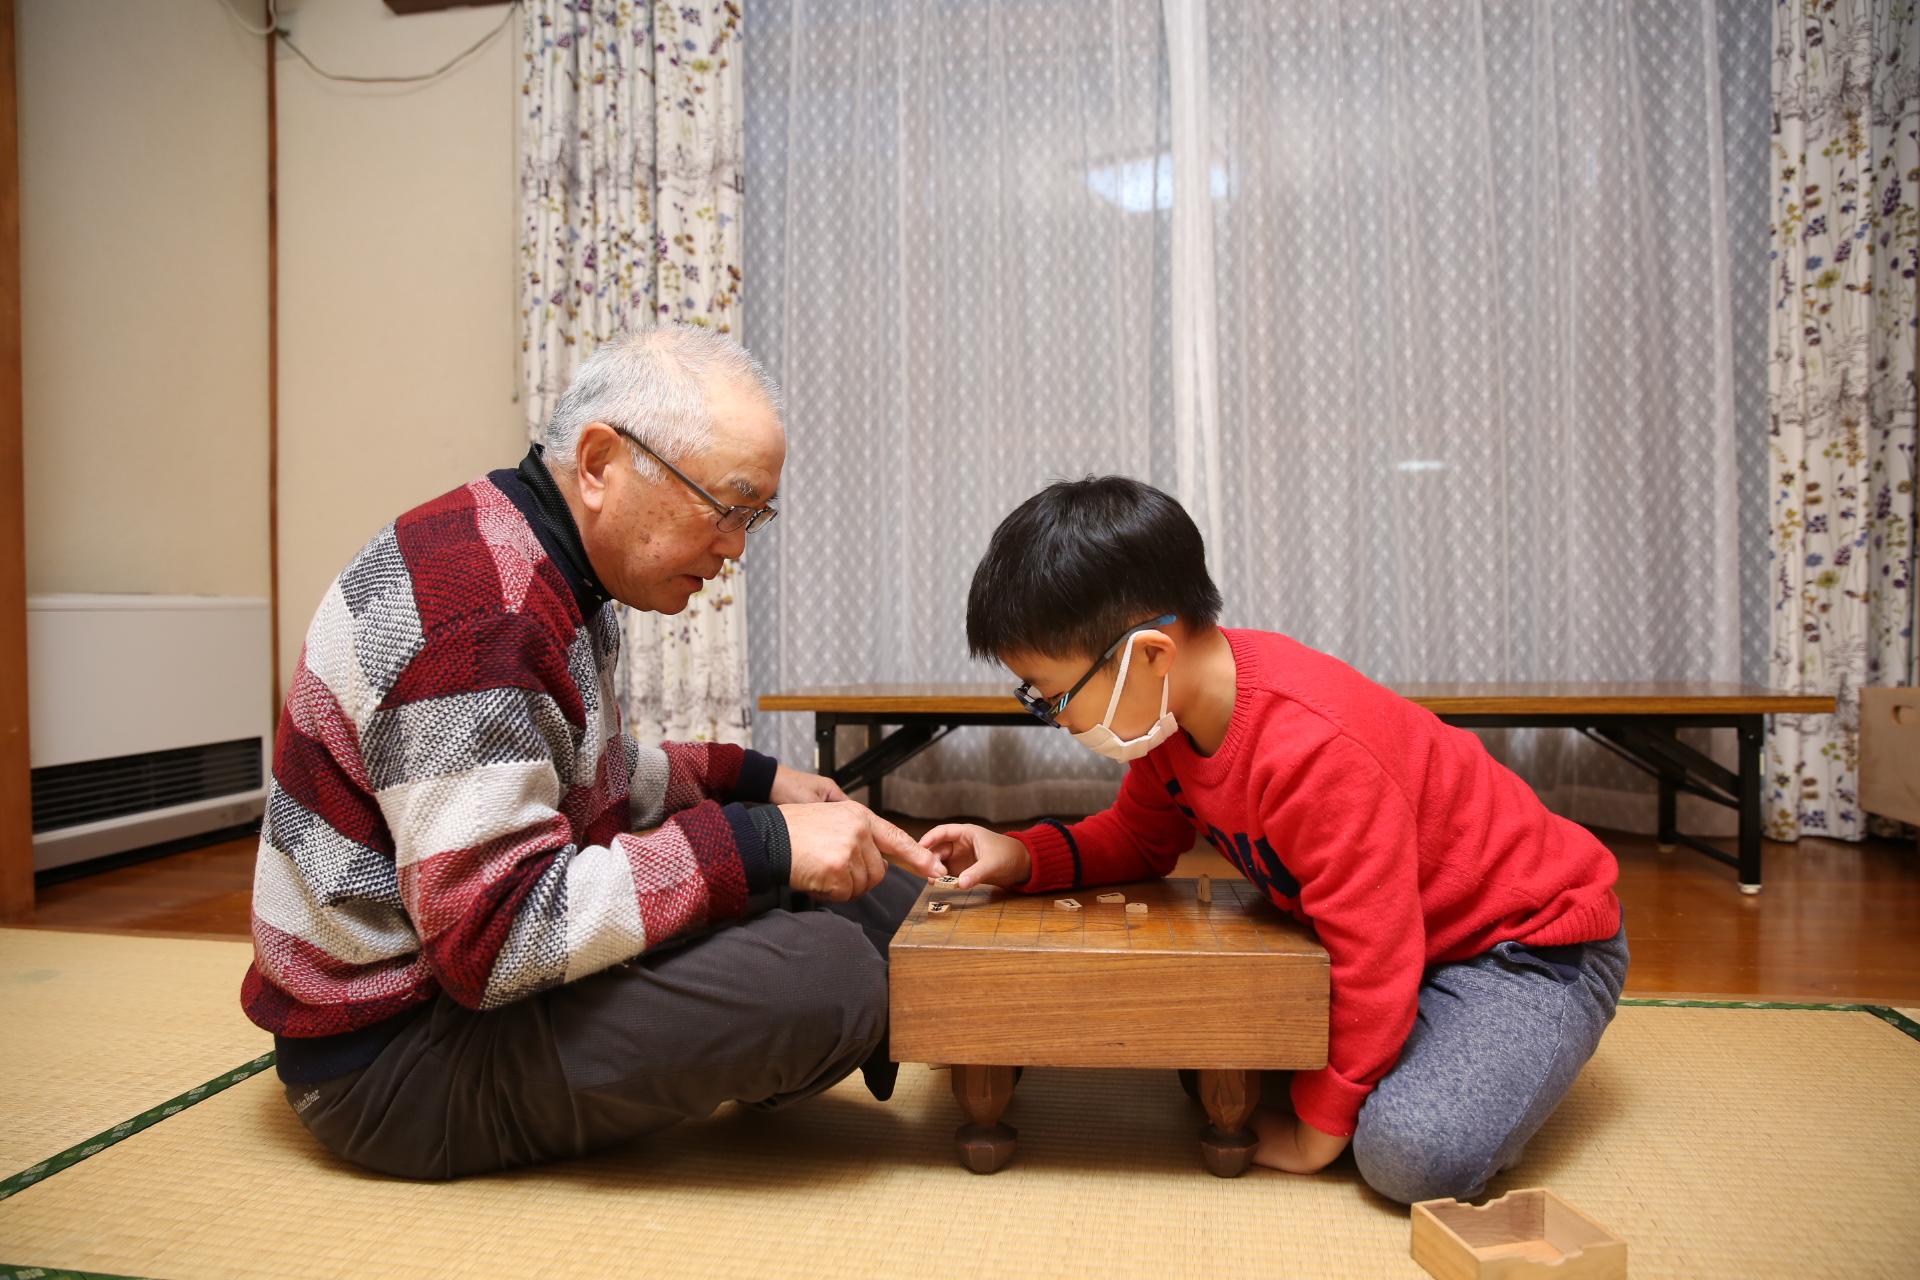 ボランティアさんの育メン爺「IMG」に将棋?を教えてもらっています